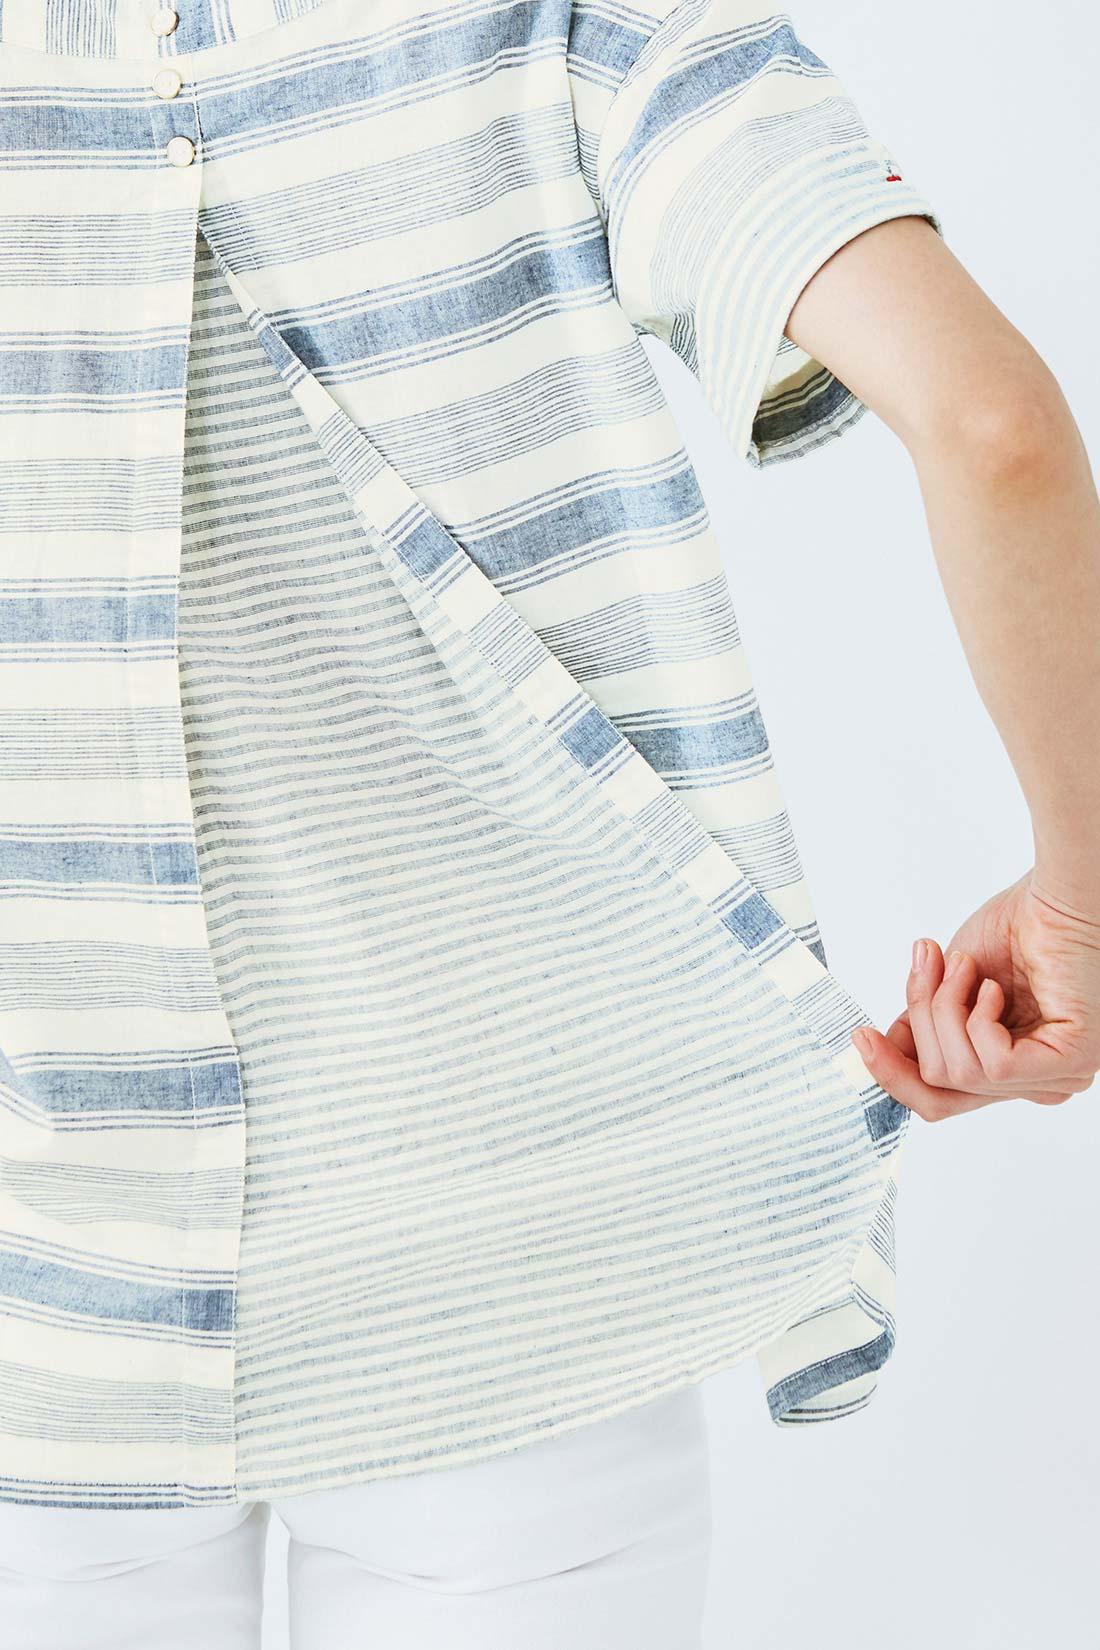 バックの切り替えは、まちたっぷりで動きやすい!※着用イメージです。お届けするカラーとは異なります。